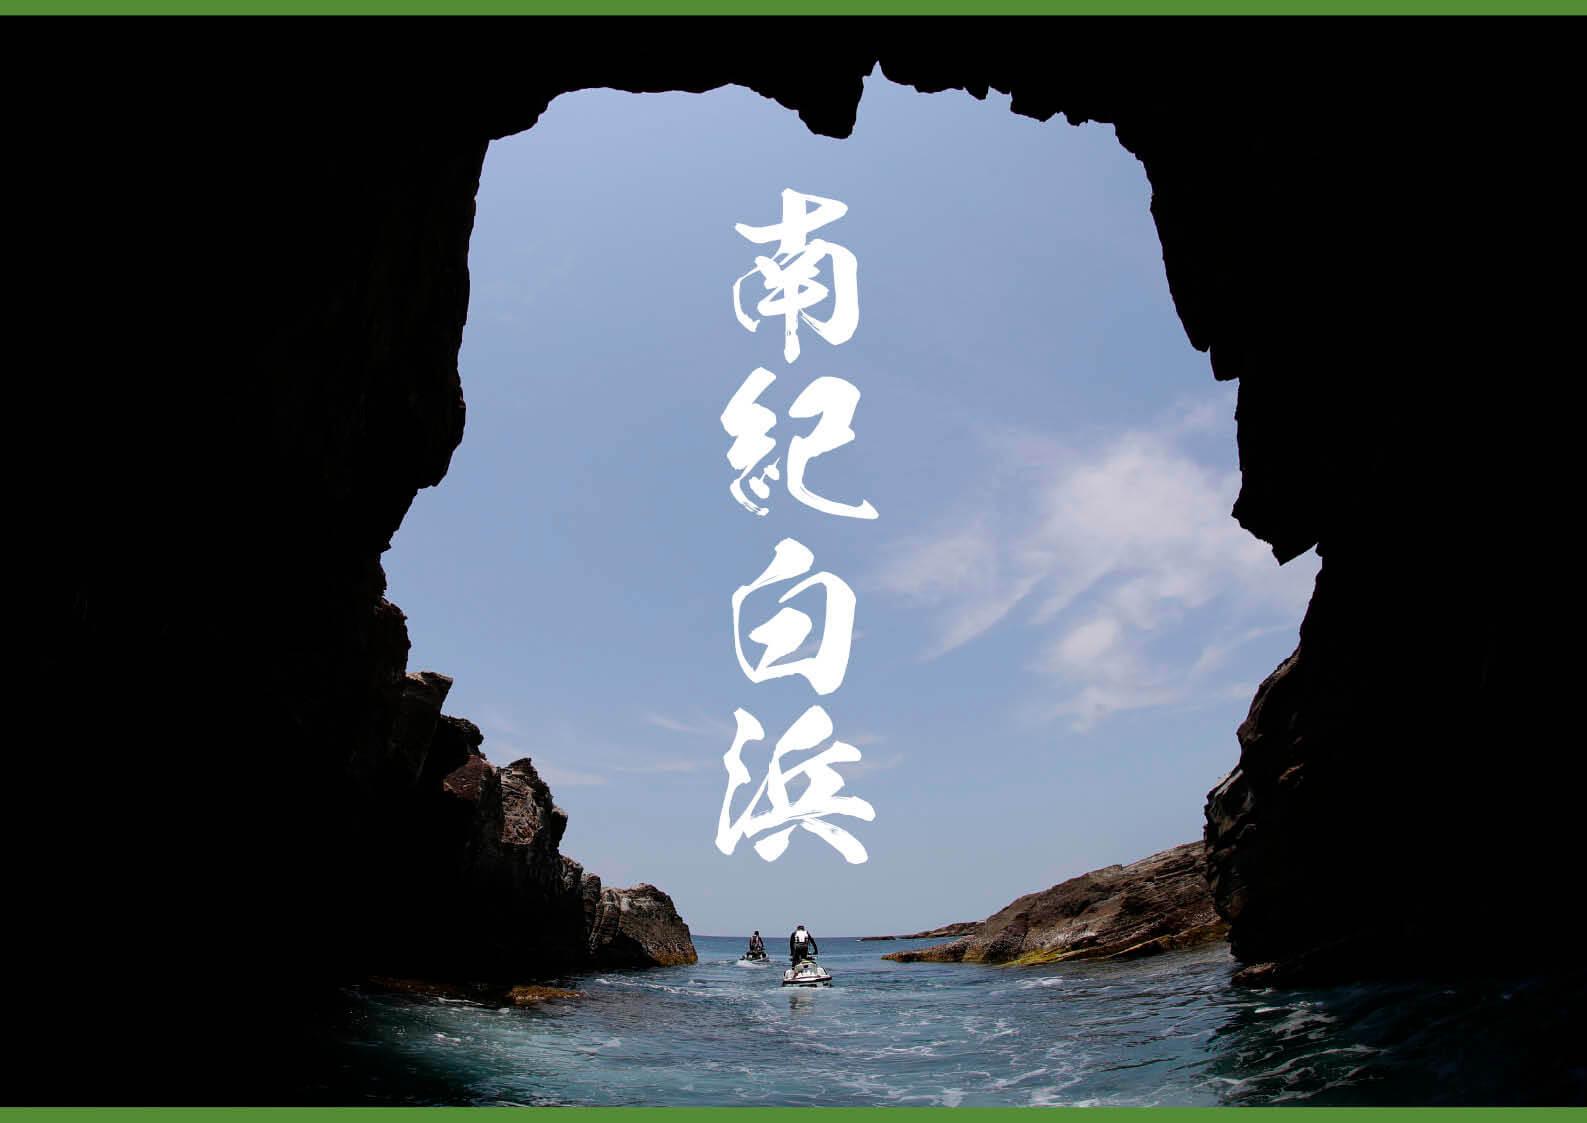 夏に行きたい! 「南紀白浜ツーリング」おすすめスポット ジェットスキー(水上バイク)